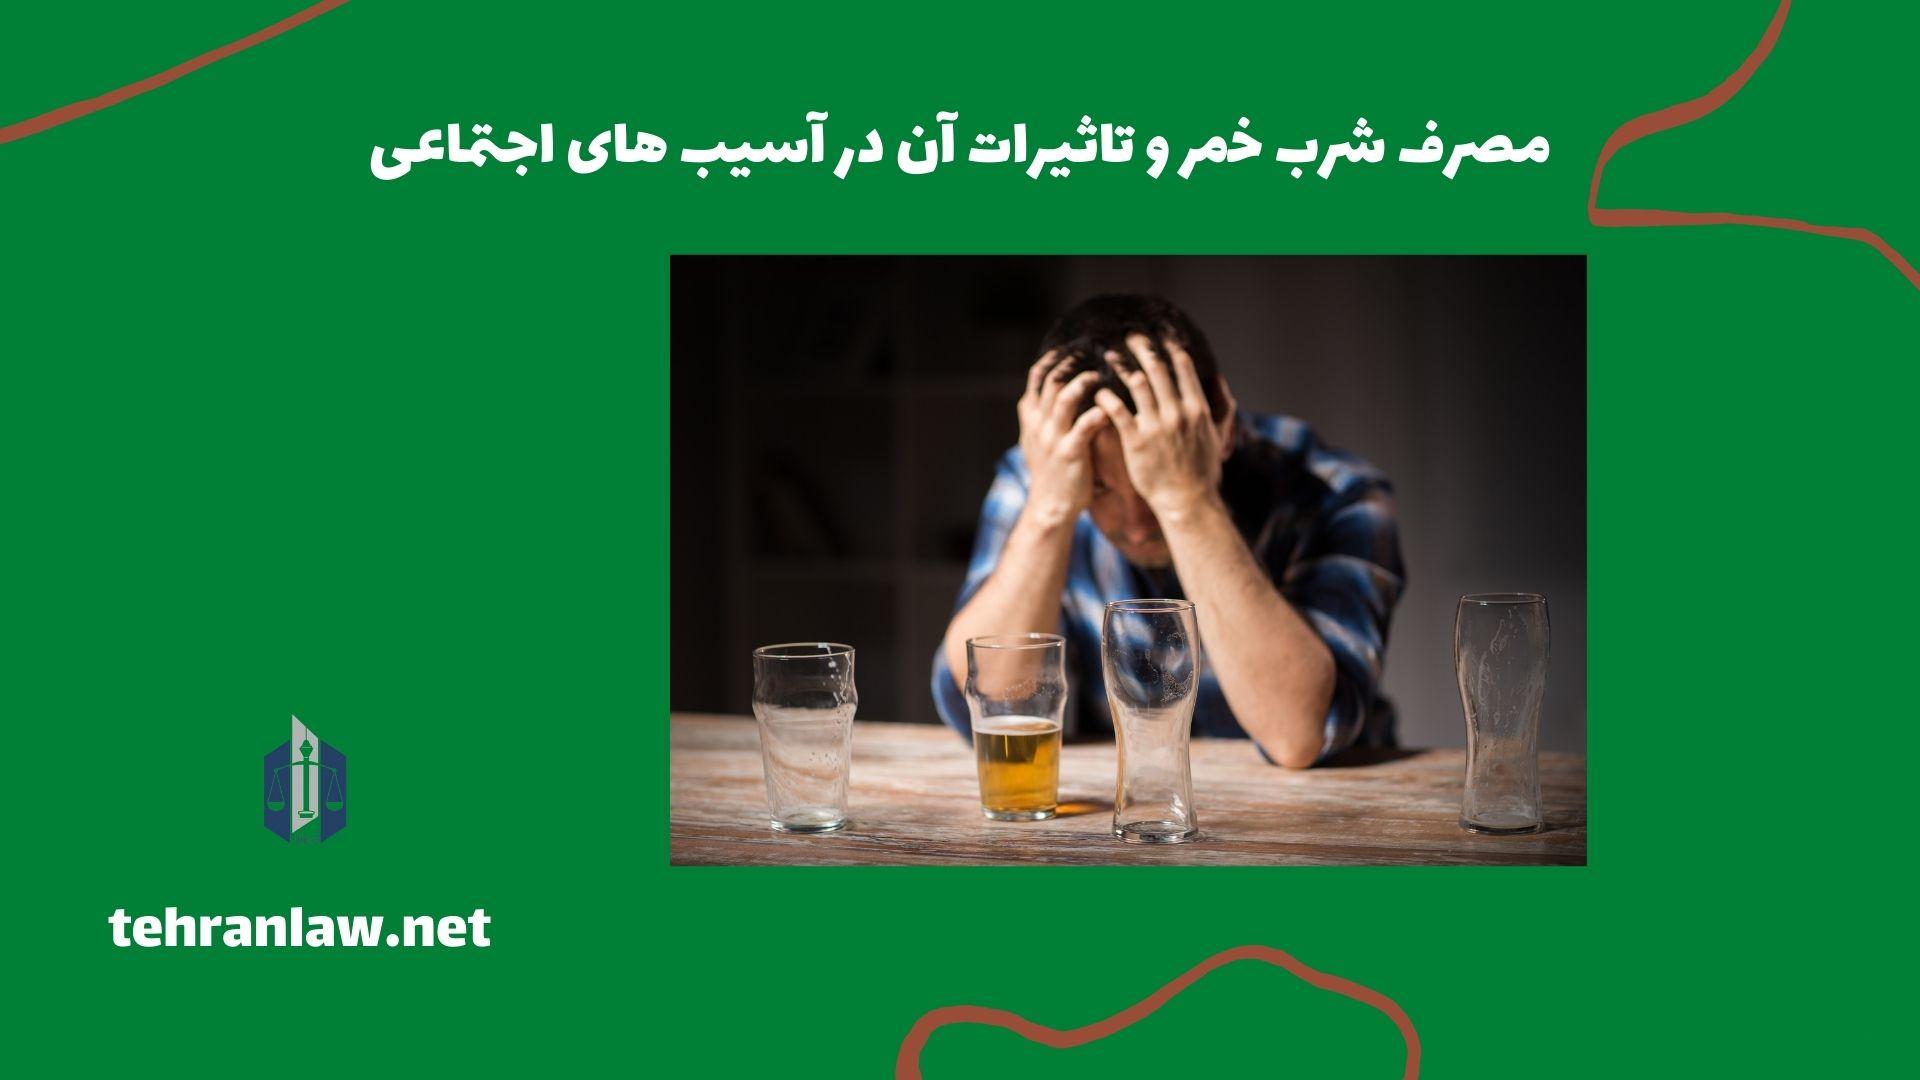 مصرف شرب خمر و تاثیرات آن در آسیب های اجتماعی